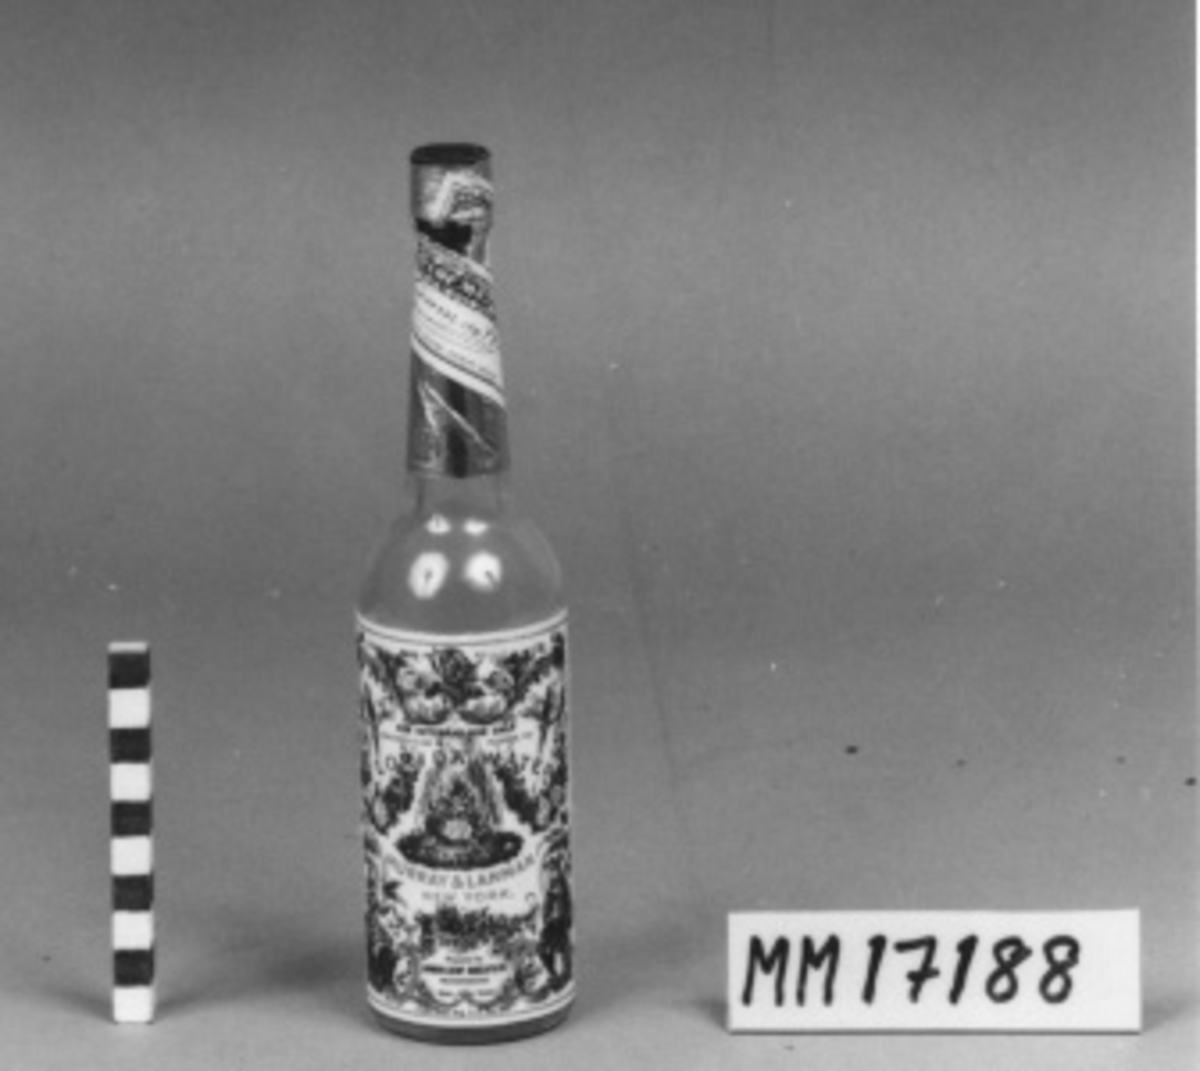 """Flaska av ofärgat glas med hög, smal hals och skruvkork. Flaskan är försedd med etikett på framsidan i polykromt tryck, föreställande en kvinna som håller i en fågel, och en man som spelar luta samt fåglar, blommor och rocaille ornament. Tryck. """"FLORIDA WATER MURRAY & LANMAN NEW YORK"""" samt """"FOR EXTERNAL USE ONLY CONTENTS 7_ 02. FL. ALCOHOL75%"""" med mera. Flaskans hals är omsluten av silverfärgat papper med firmanamn i svart på vit botten. Korken är av svart plast. Flaskan är tömd på sitt innehåll. Anmärkning: Utrikespinal"""